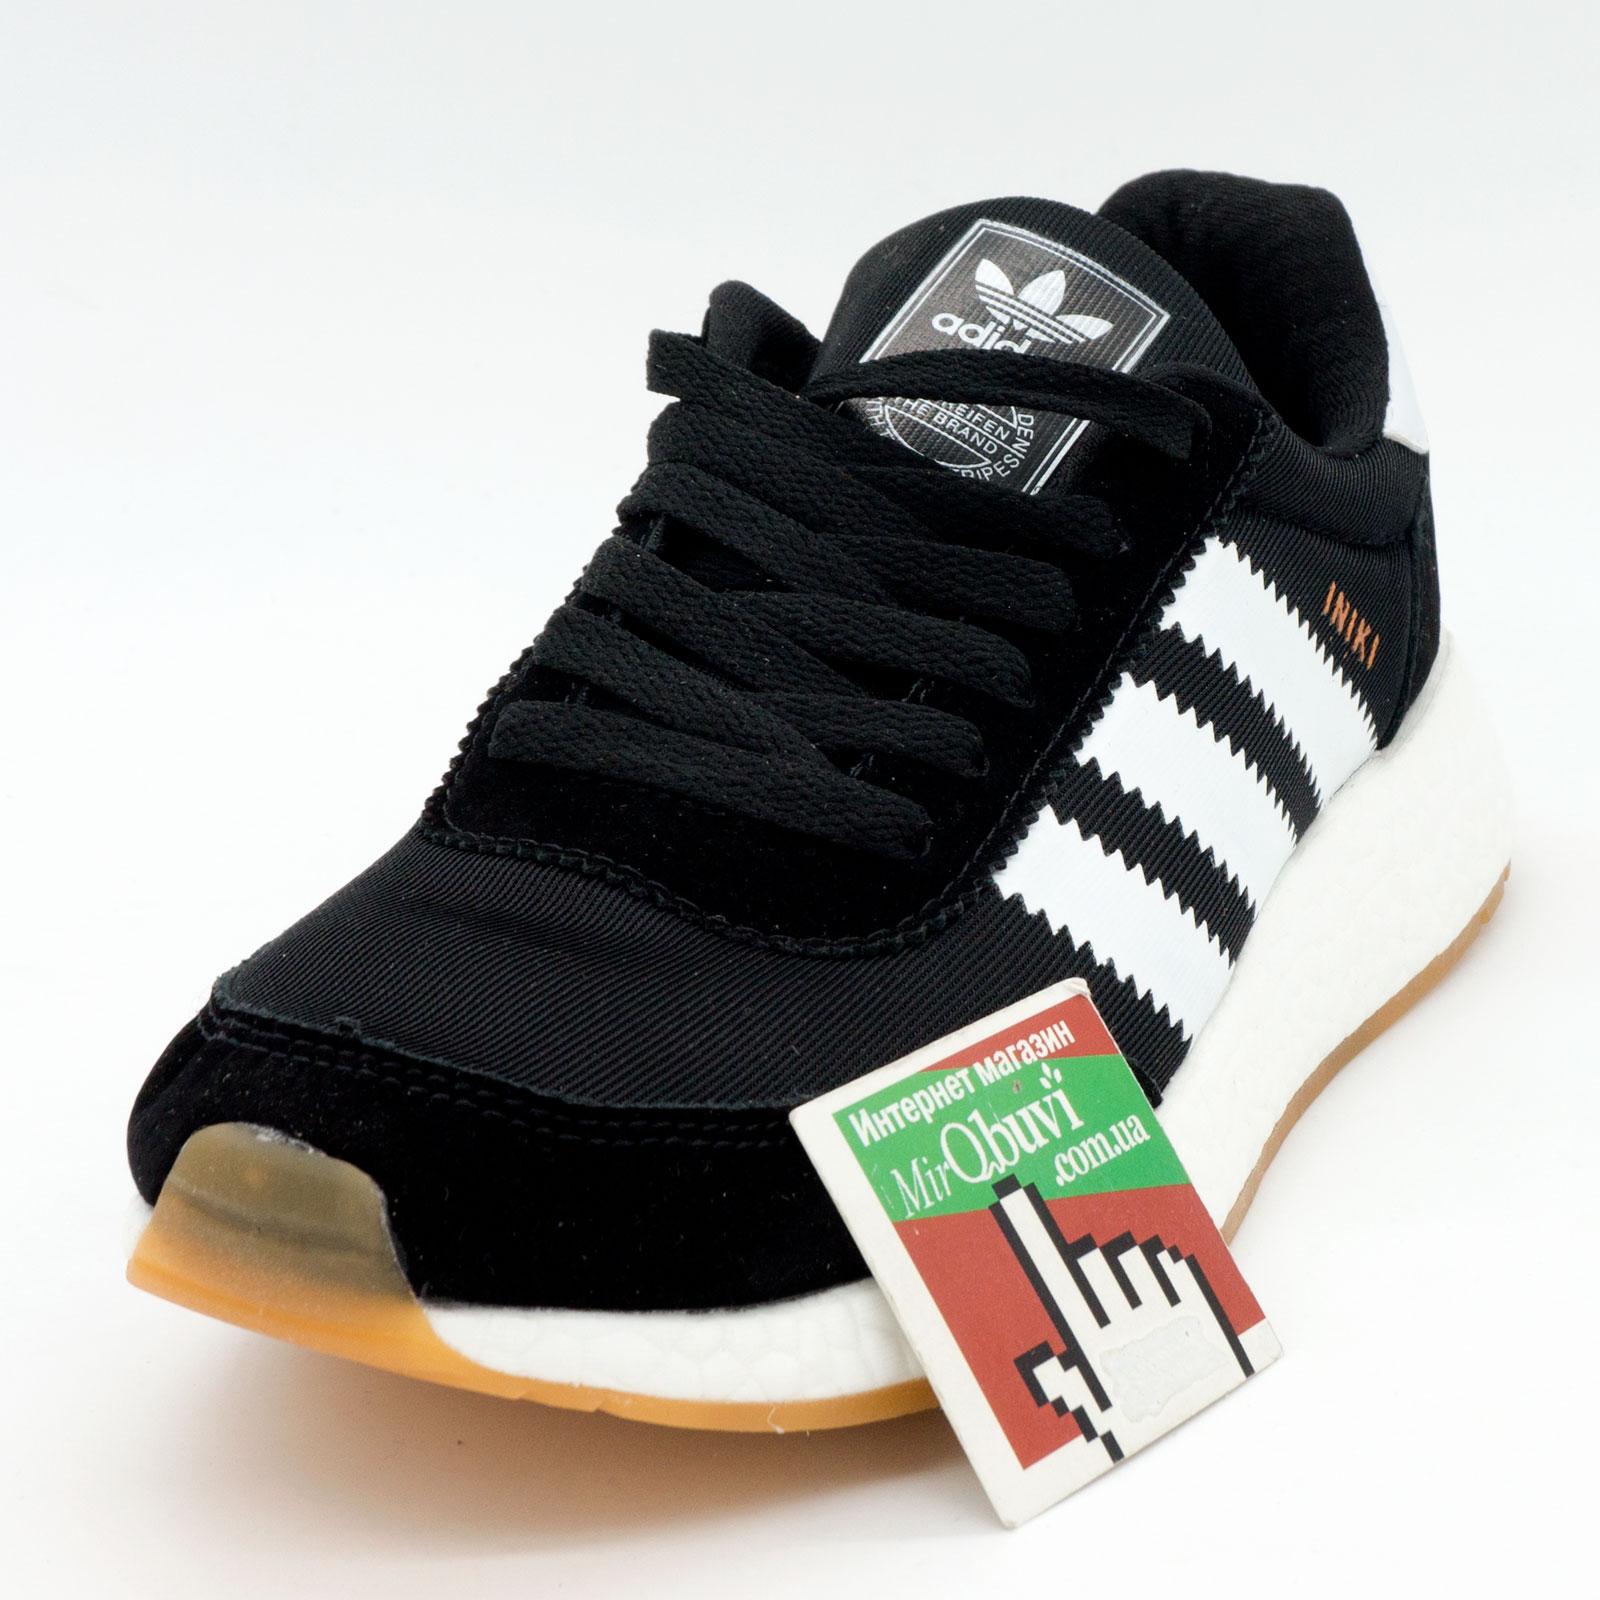 фото front Кроссовки для бега Adidas Iniki Runner черные с белыми полосками front